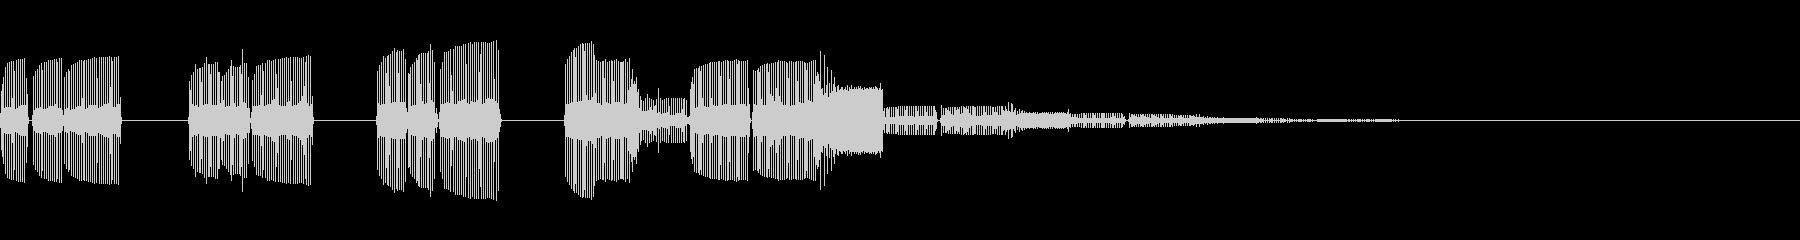 タララッタラララララ(場面転換・切り替)の未再生の波形